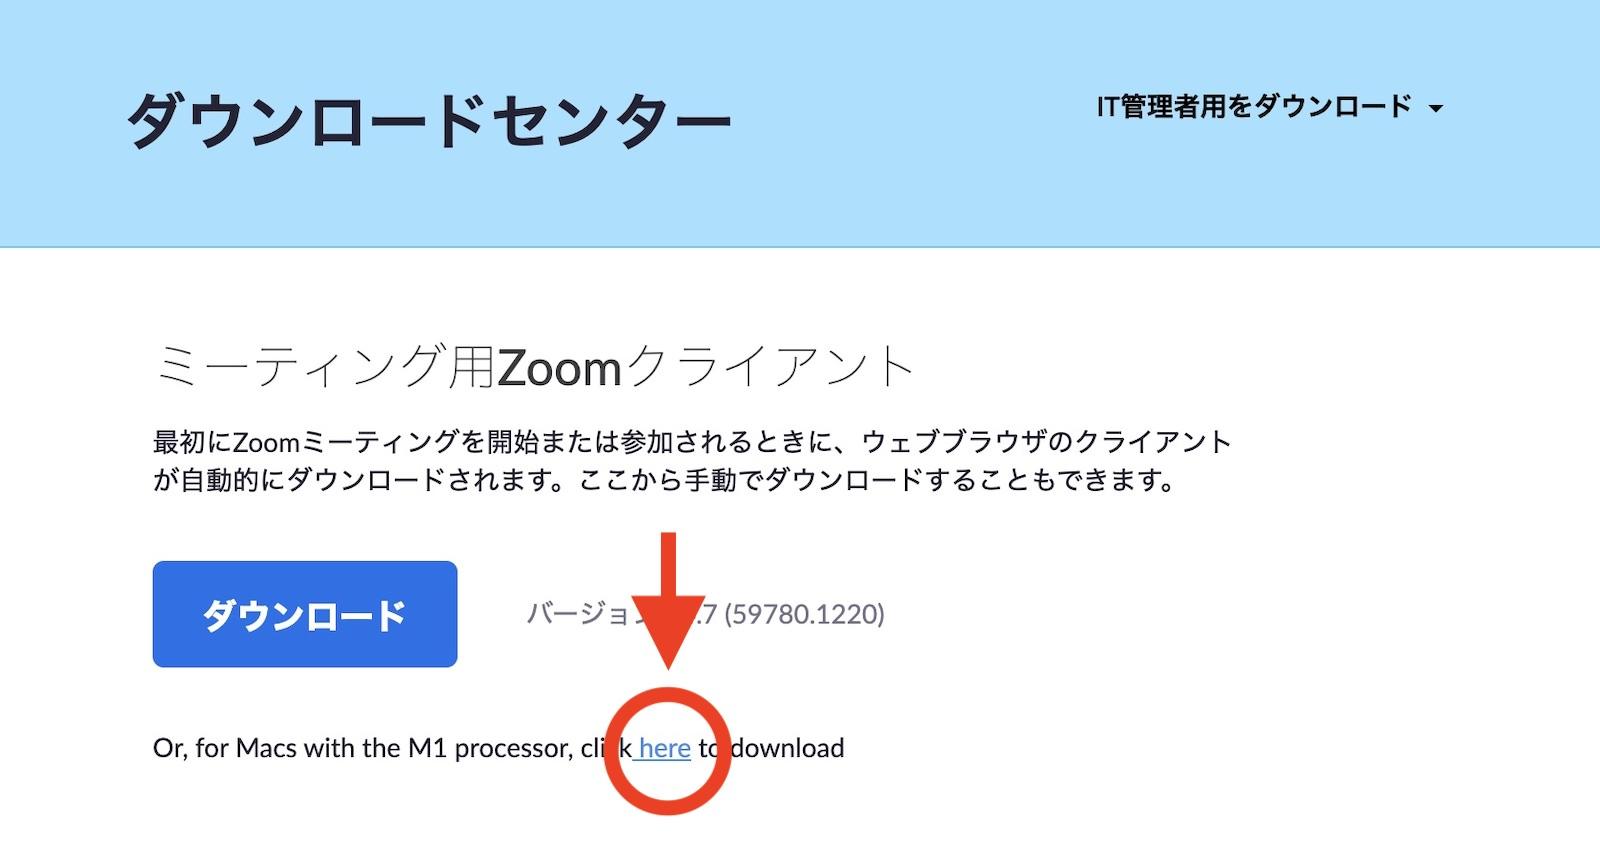 Zoom download link